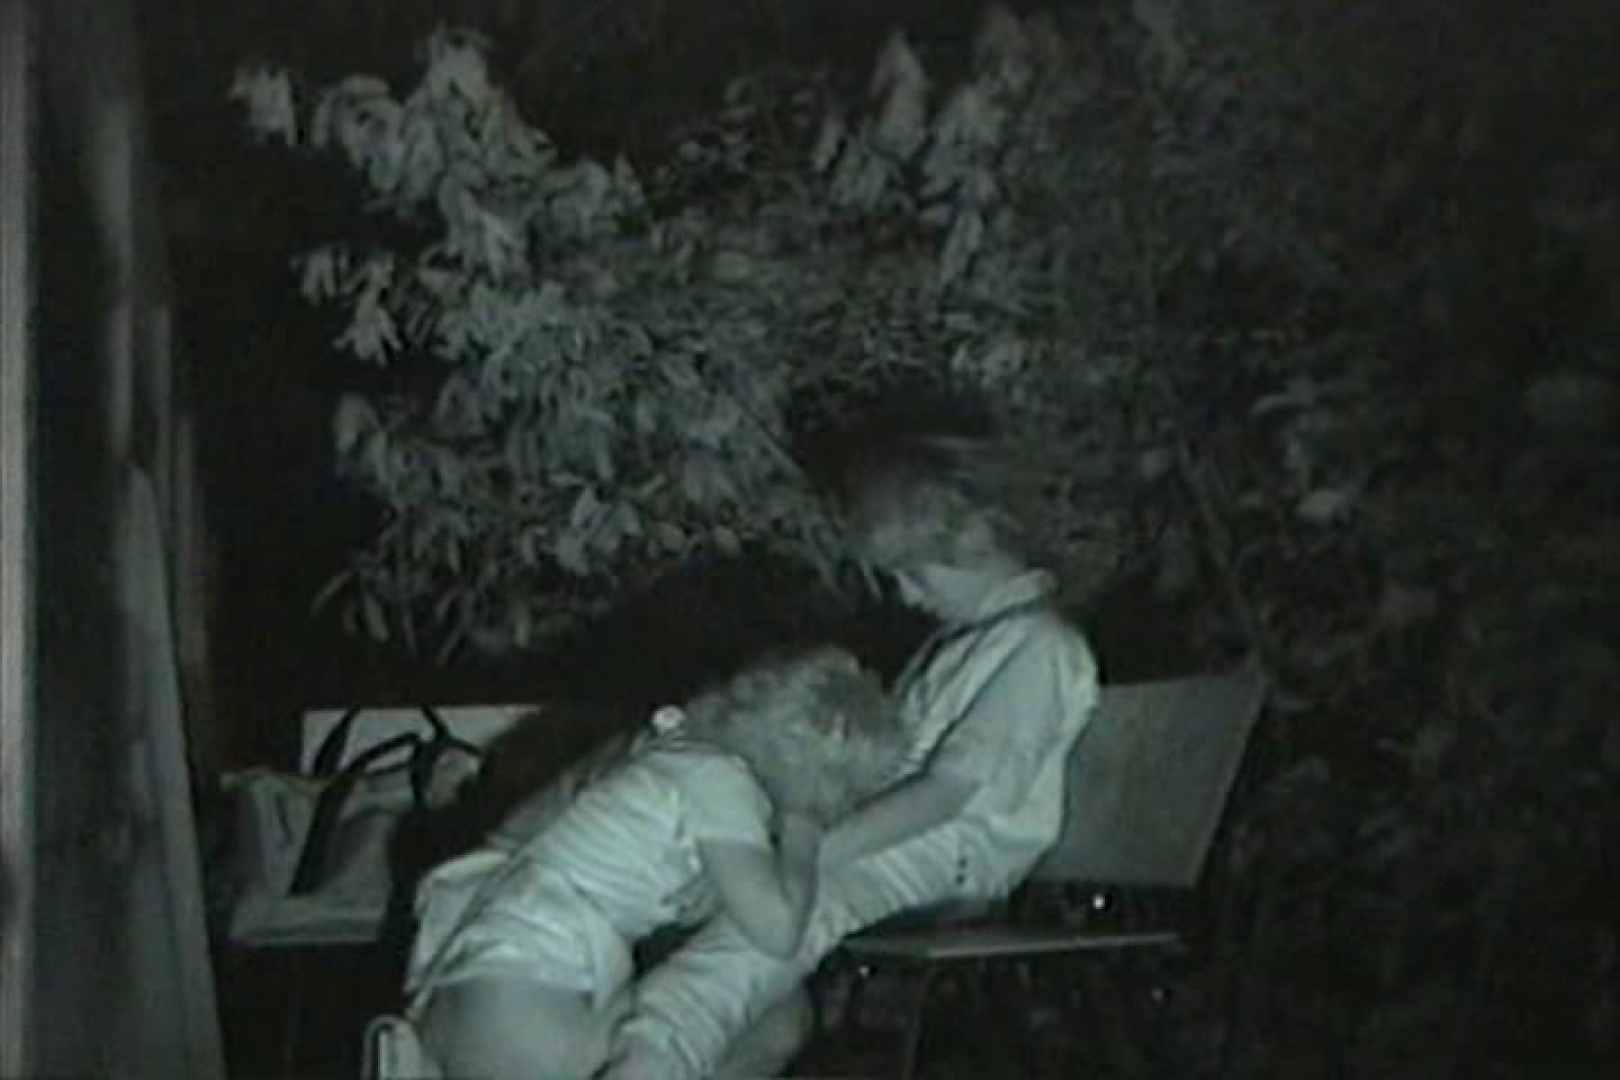 闇の仕掛け人 無修正版 Vol.24 ラブホテル隠し撮り ヌード画像 101pic 64